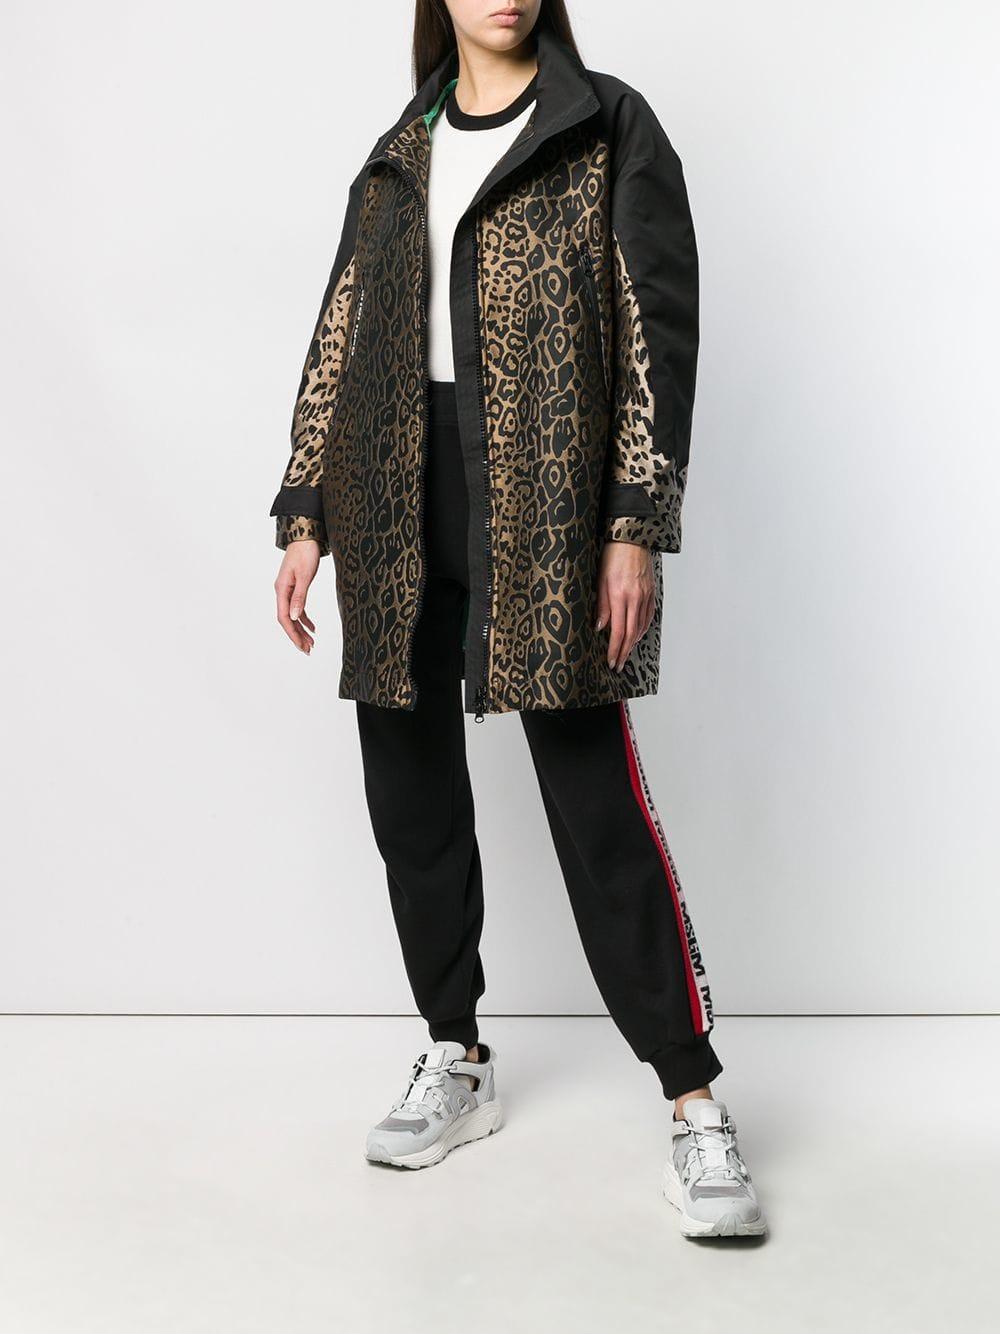 Manteau à motif léopard en brocard Synthétique Pinko en coloris Noir EJRIU